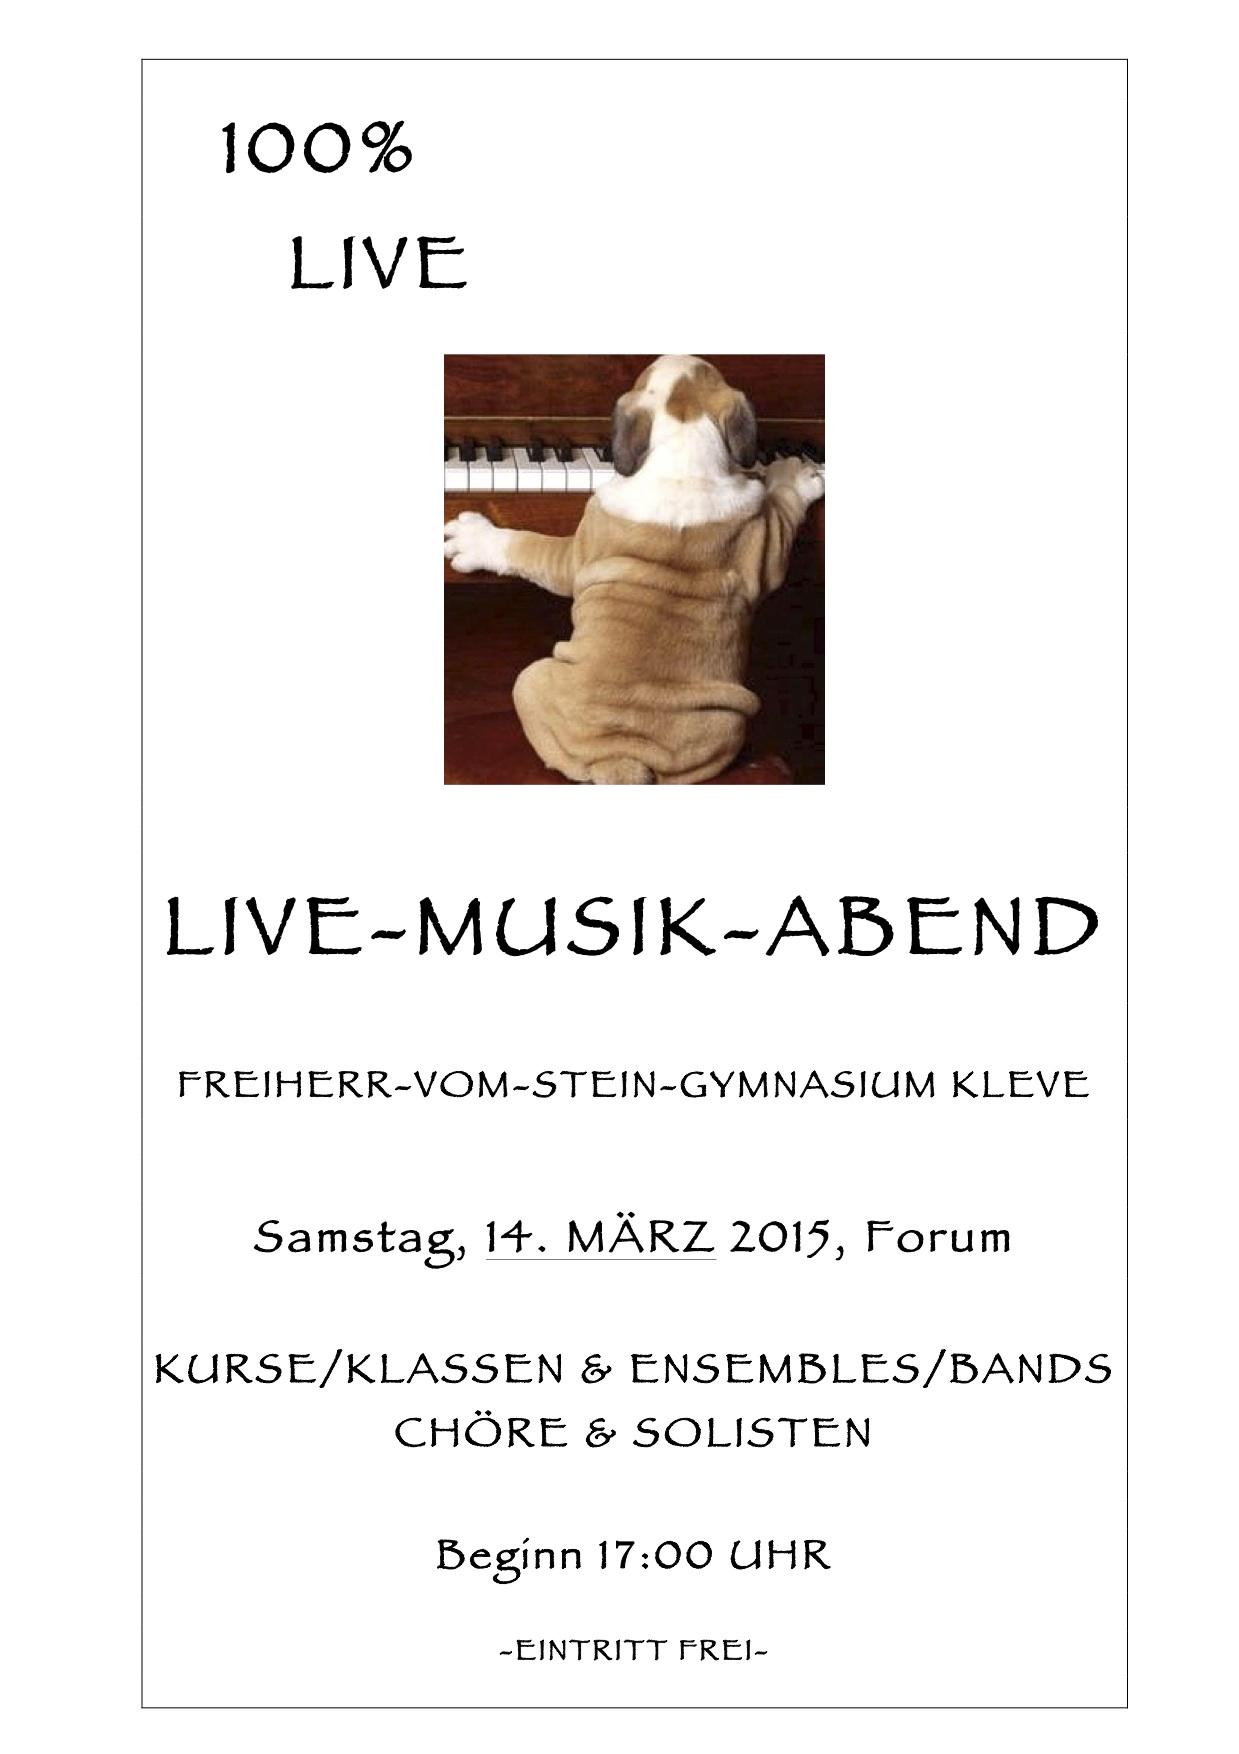 Herzliche Einladung zum Live-Musik-Abend!